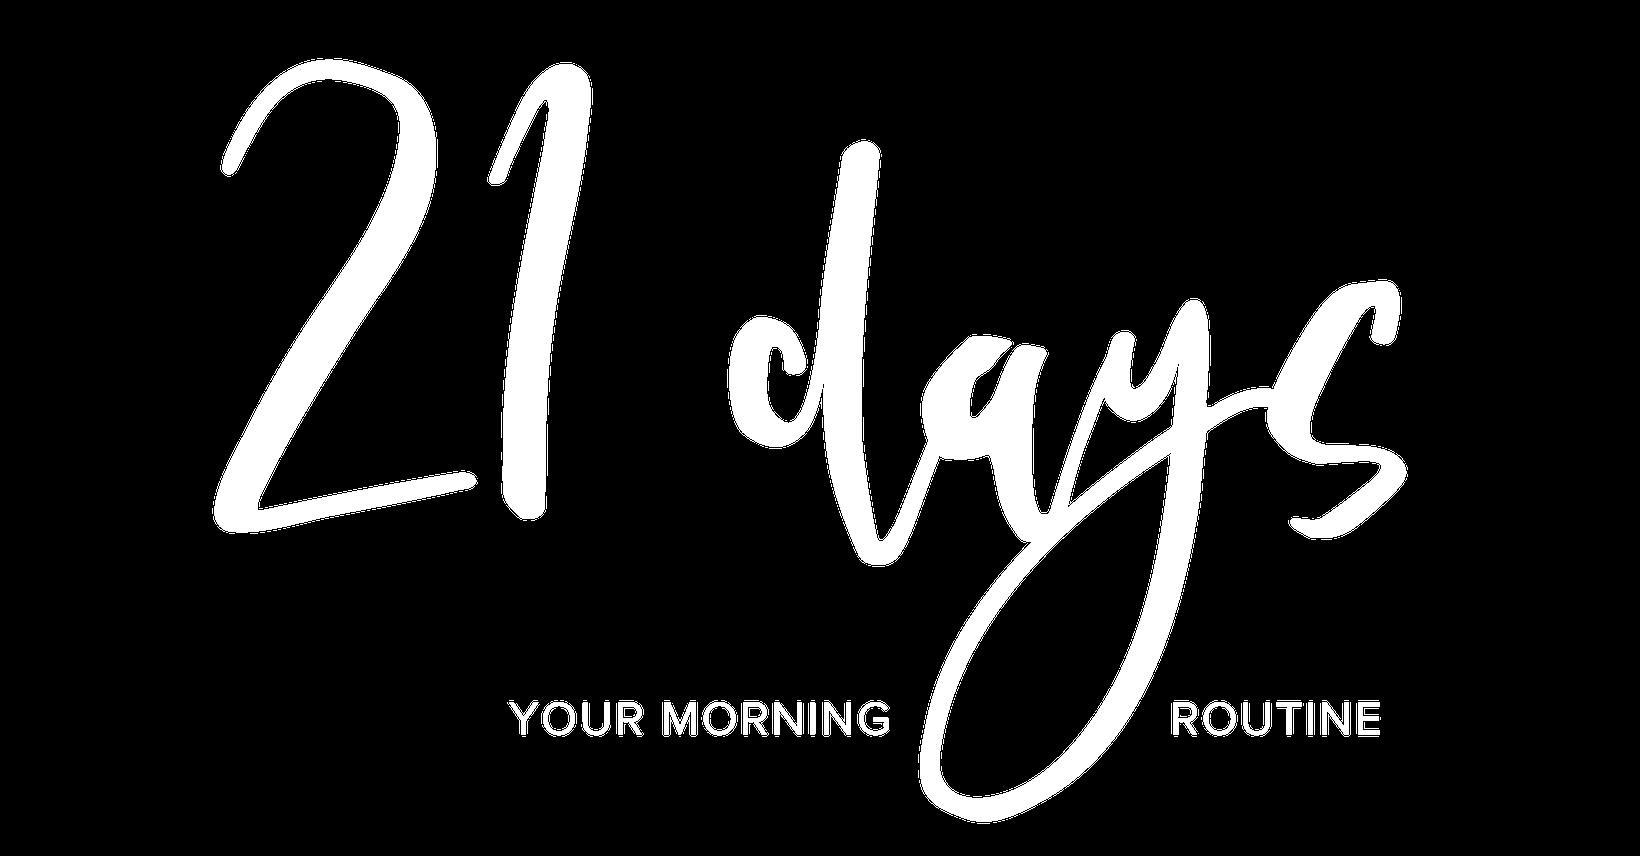 Logo 21days-morningroutine-02.png